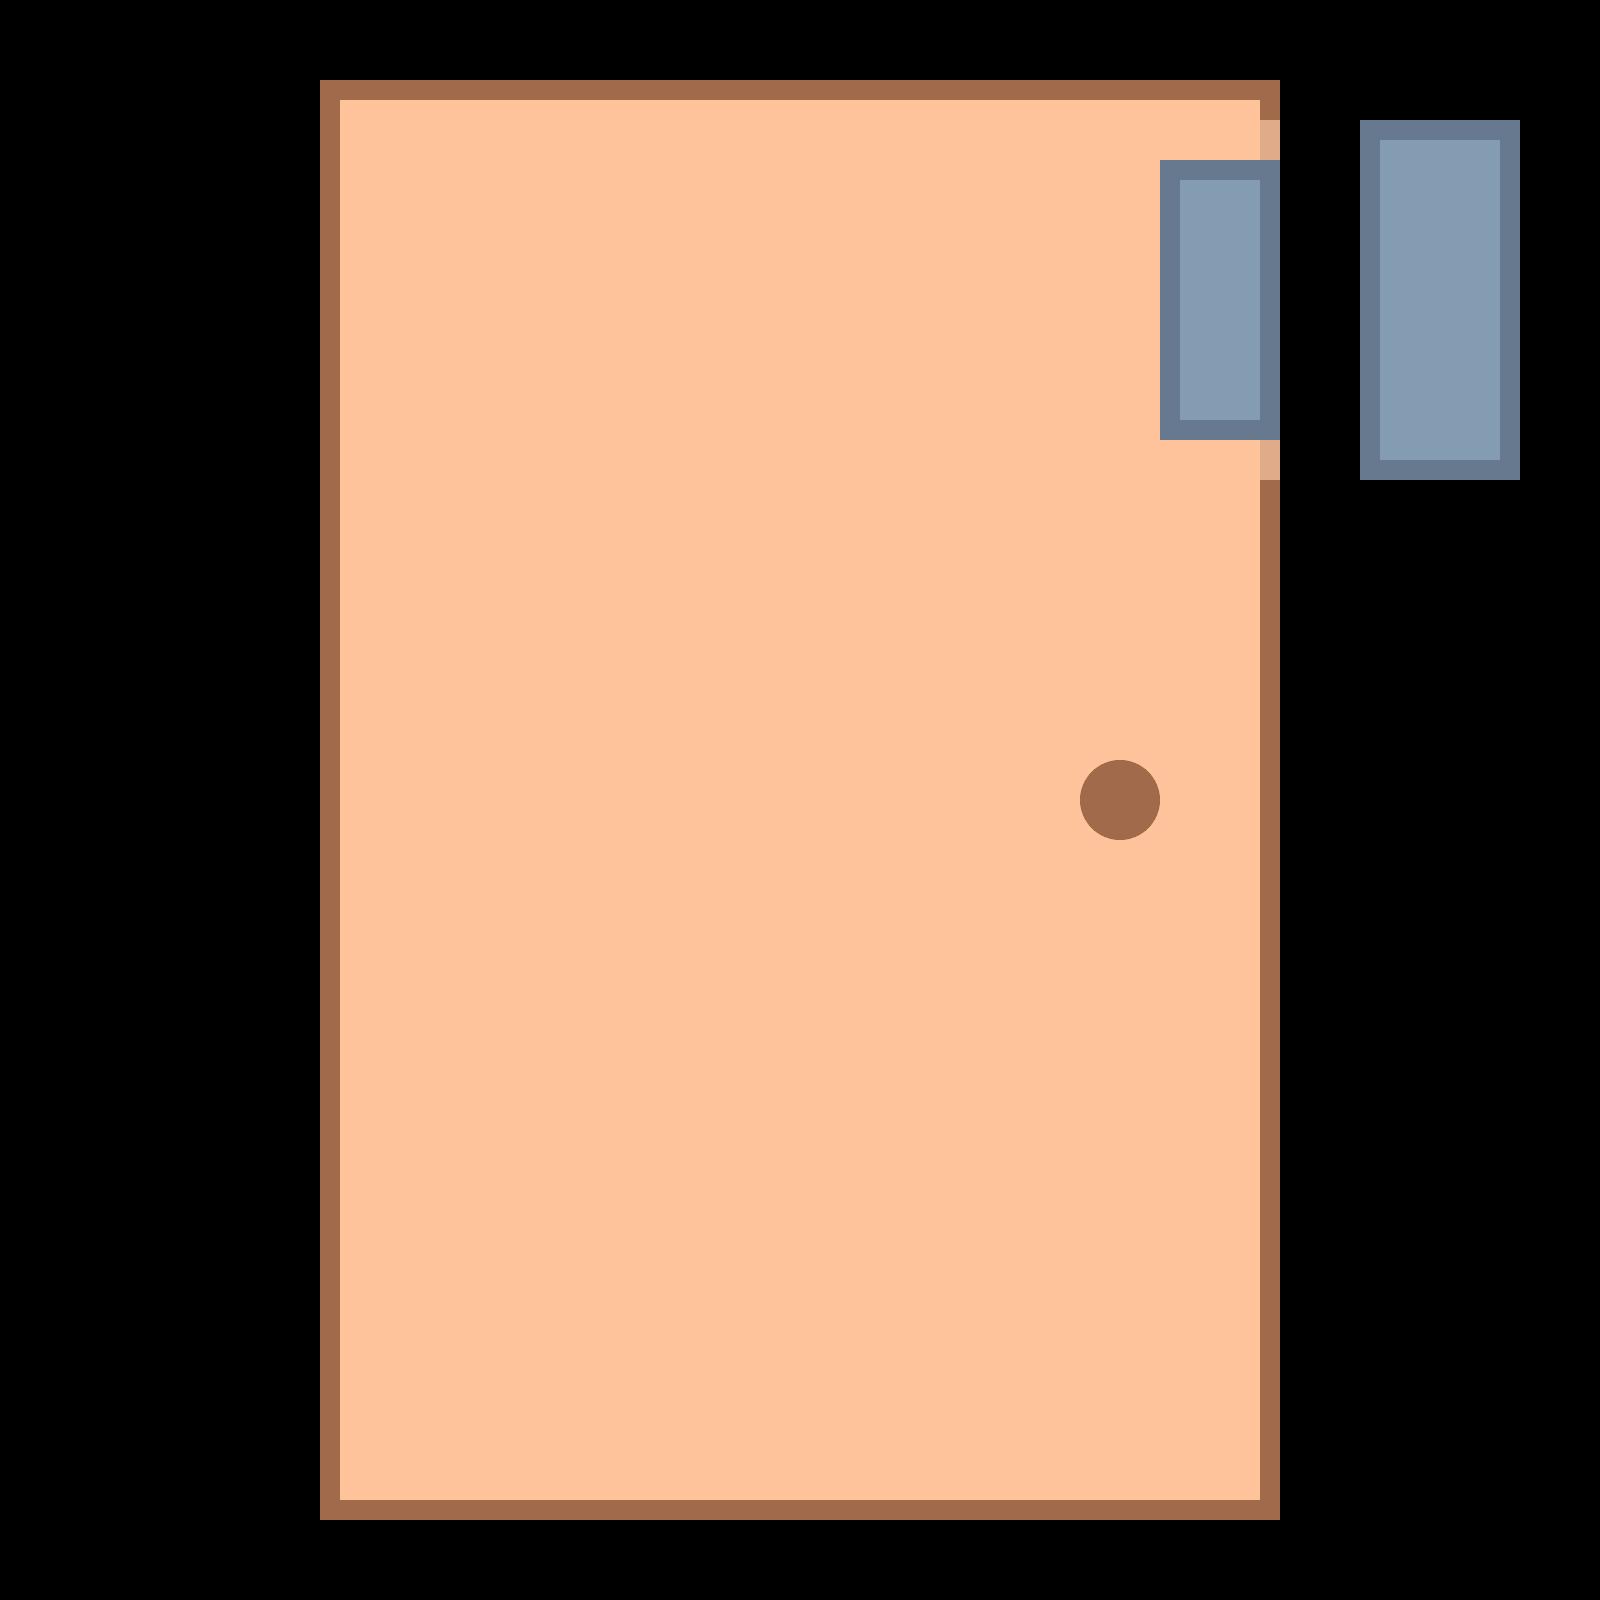 clipart Sensor icon free download. Vector door flat